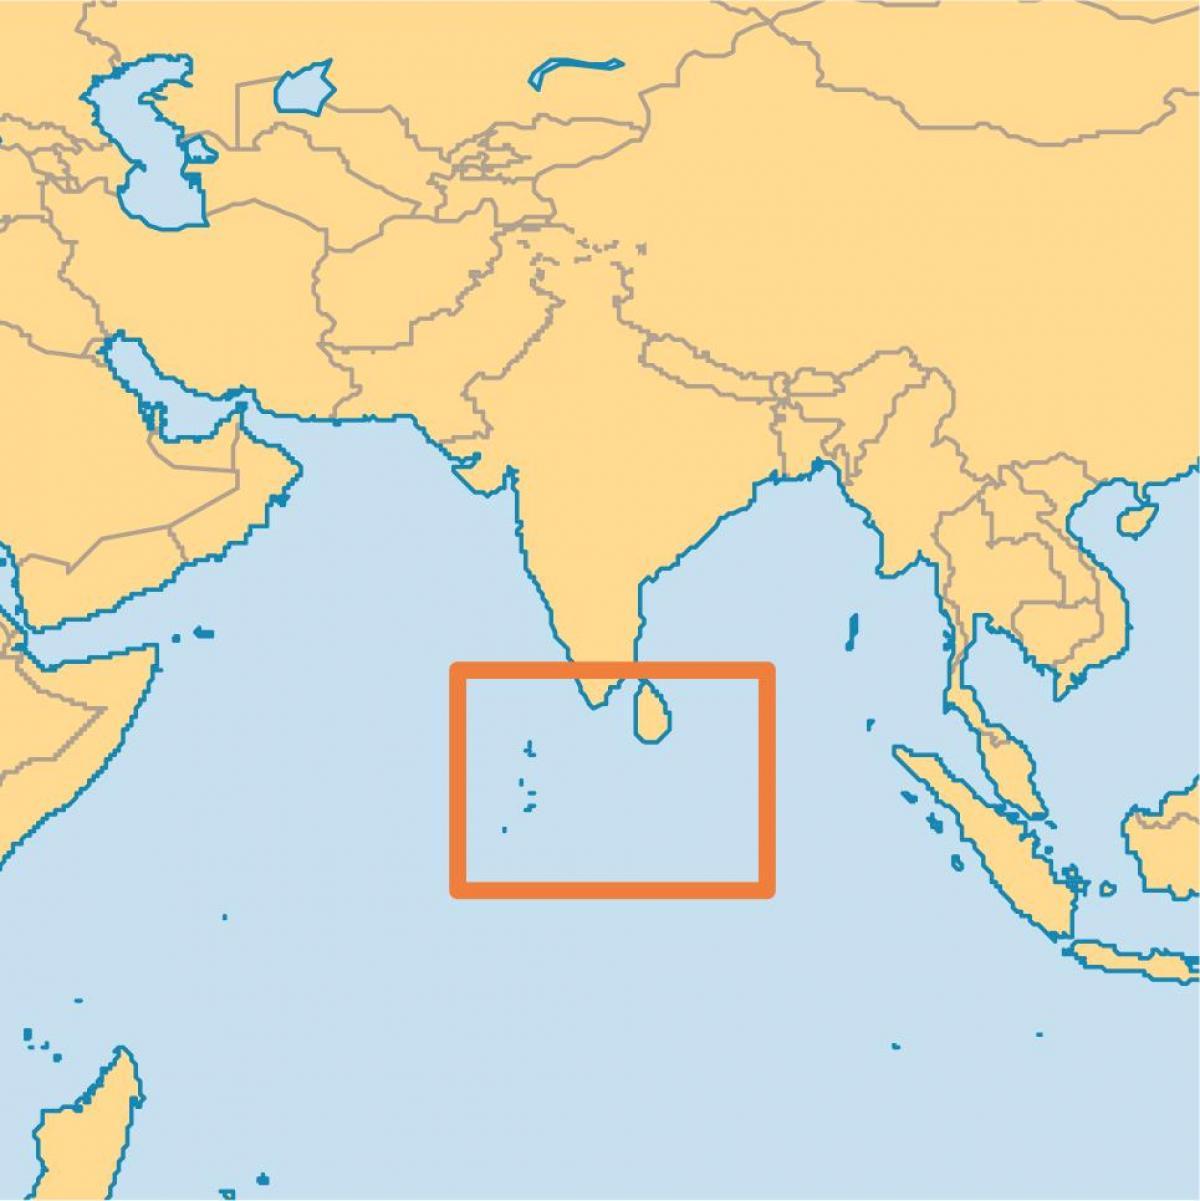 Maailman Kartta Malediivit Malediivit Island Sijainti Maailman